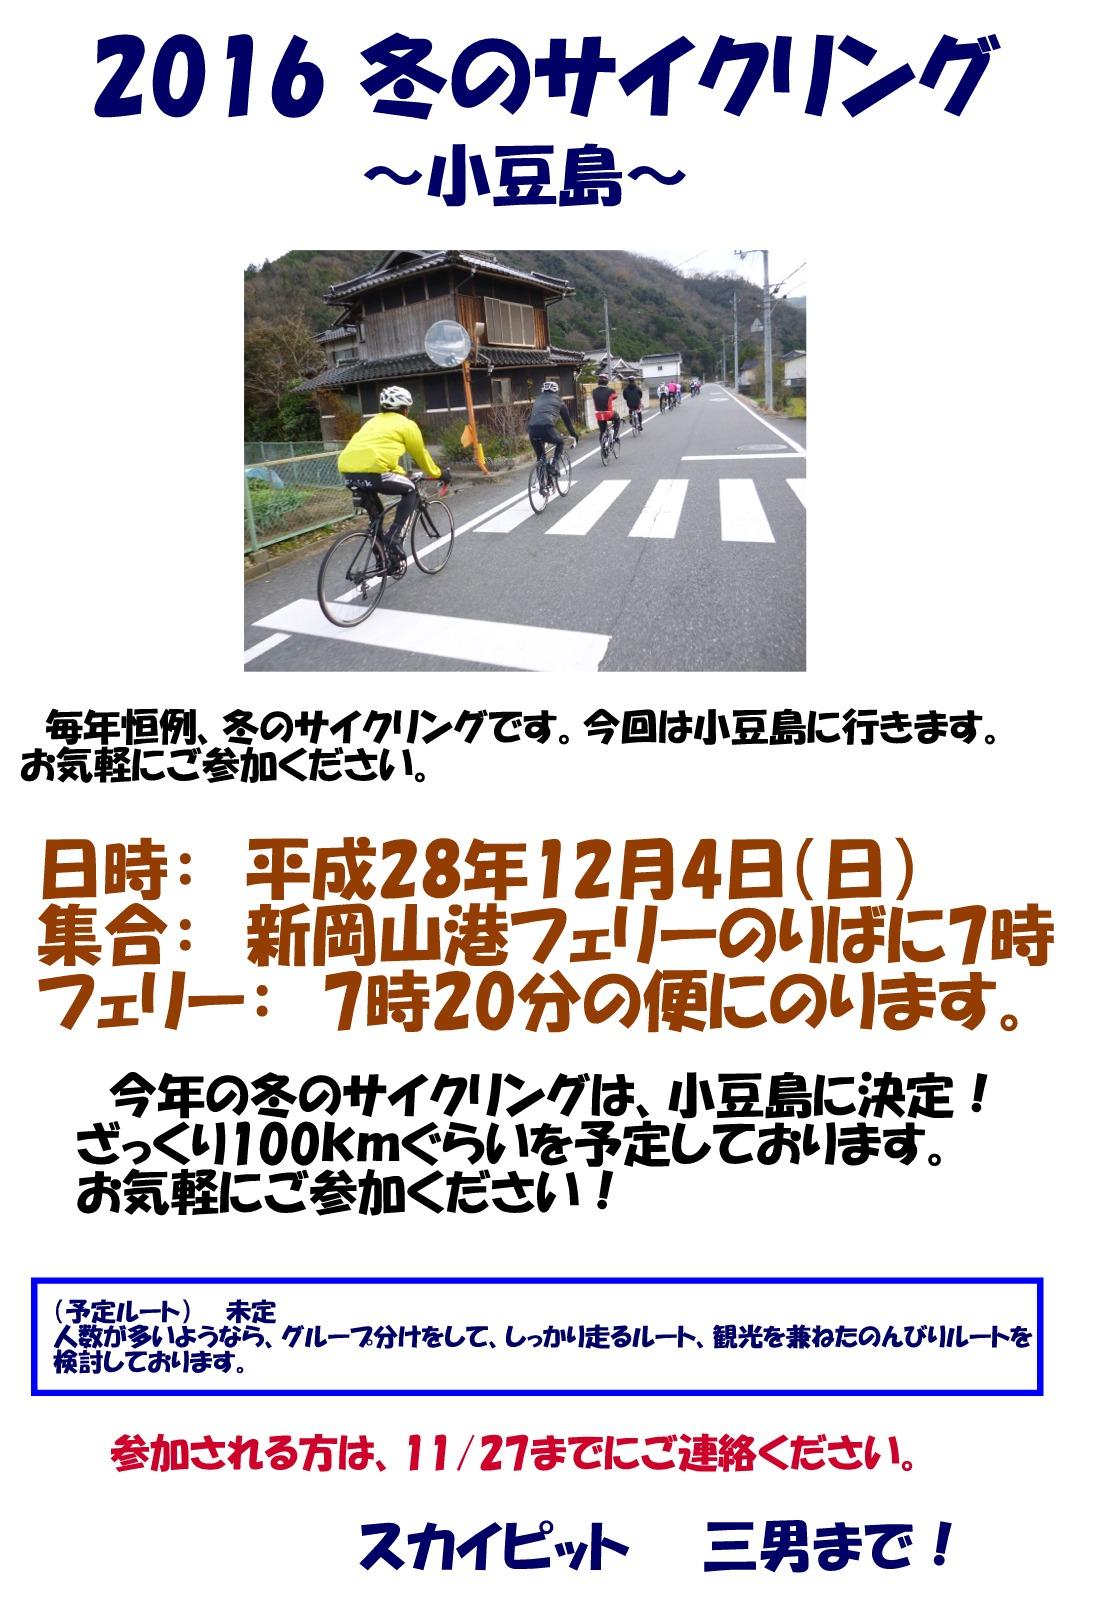 2016shoudoshima.jpg